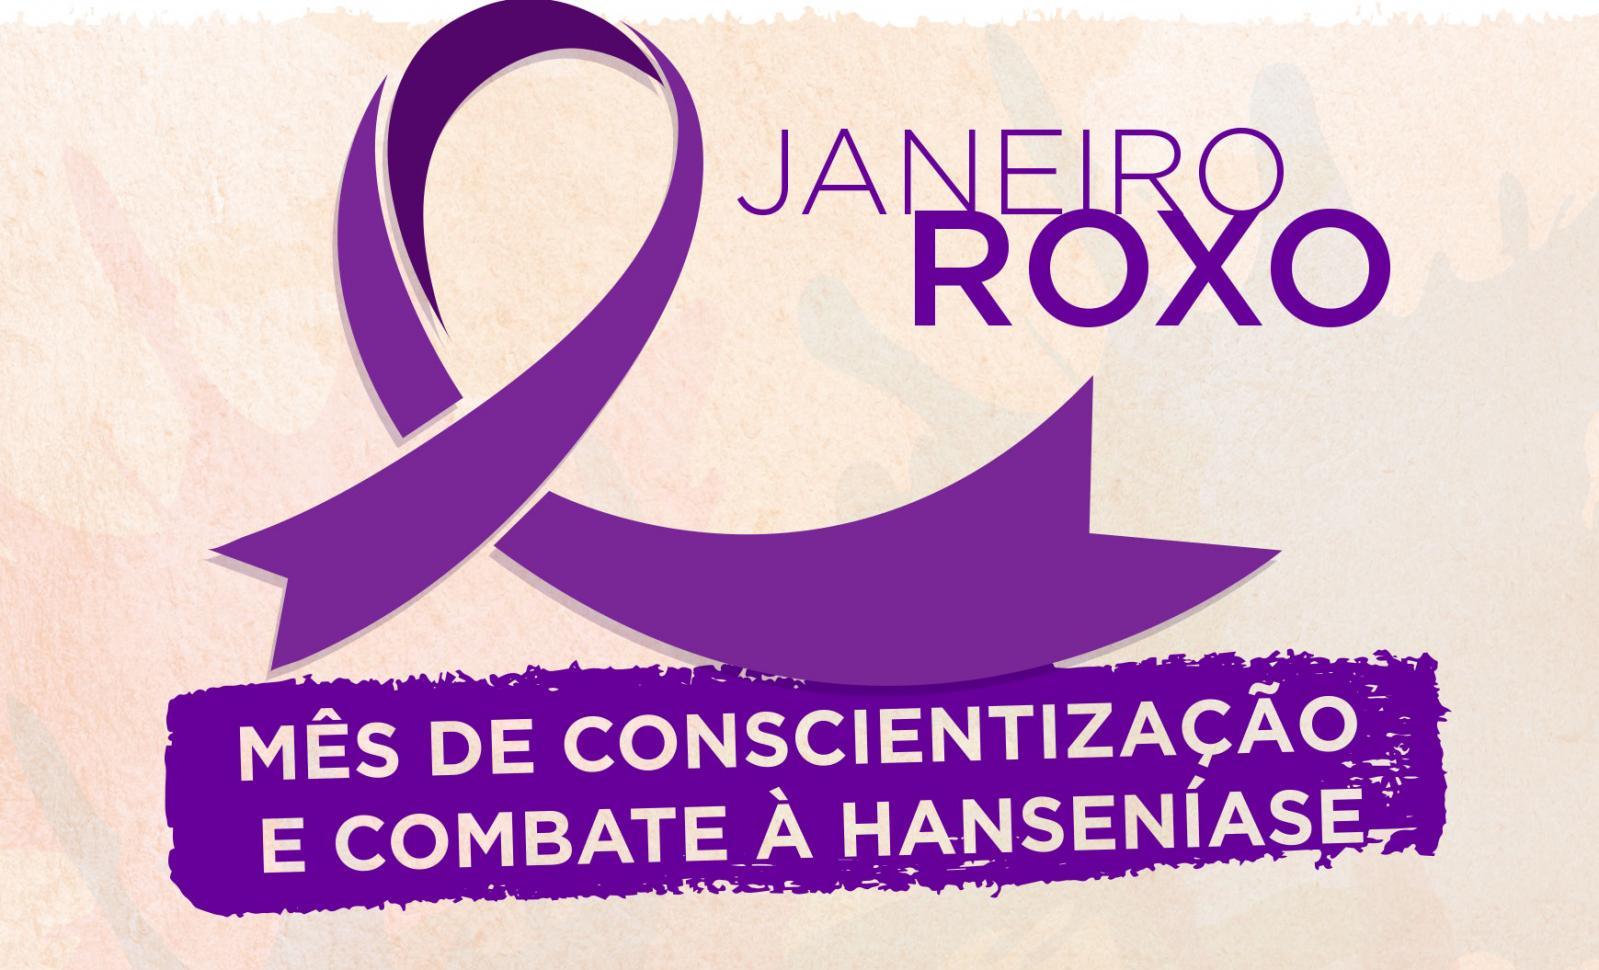 Janeiro Roxo é o mês de conscientização sobre a hanseníase